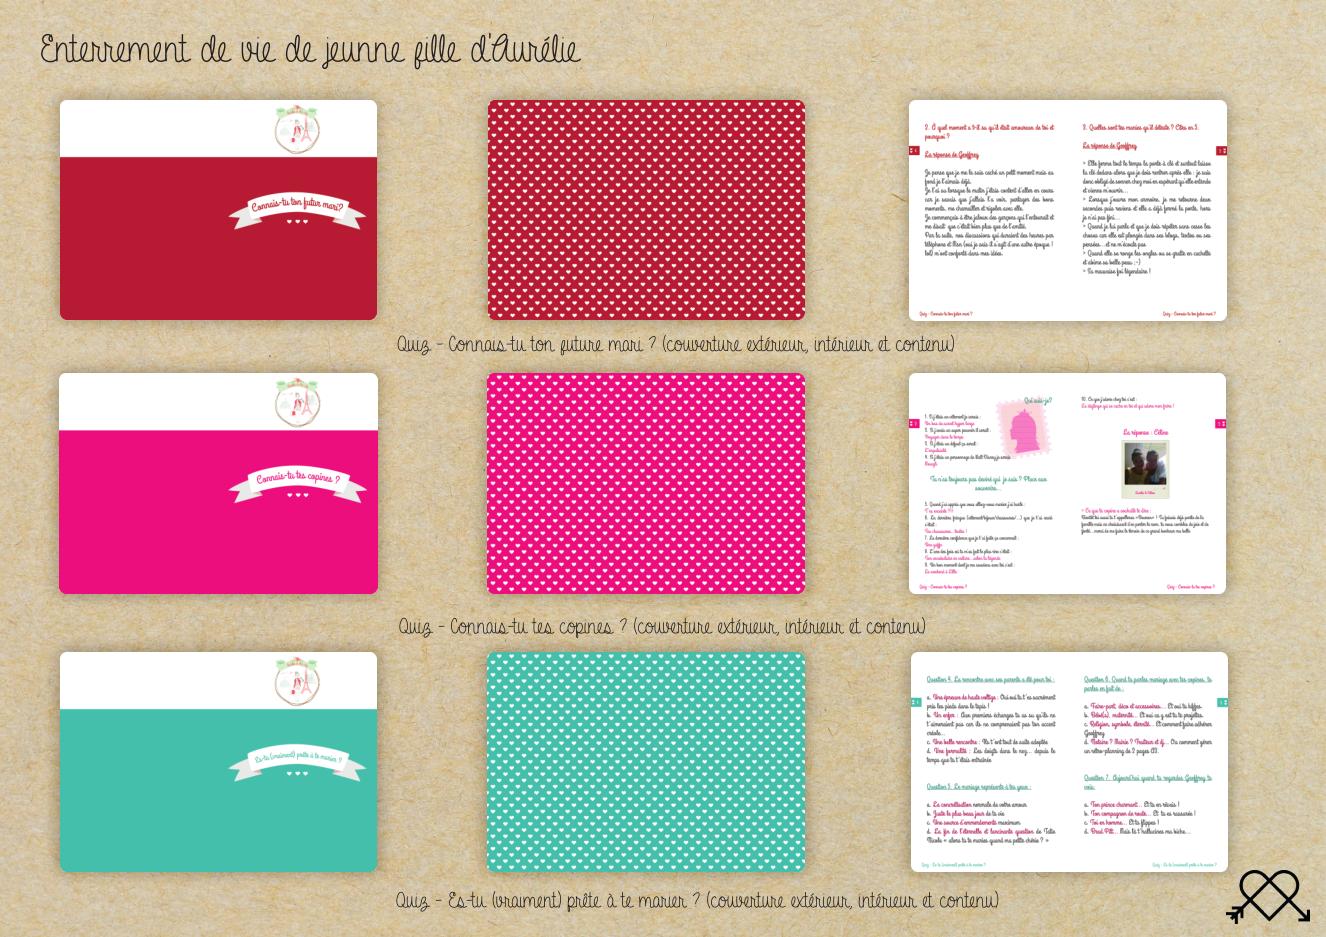 Kit de l'EVJF d'Aurélie